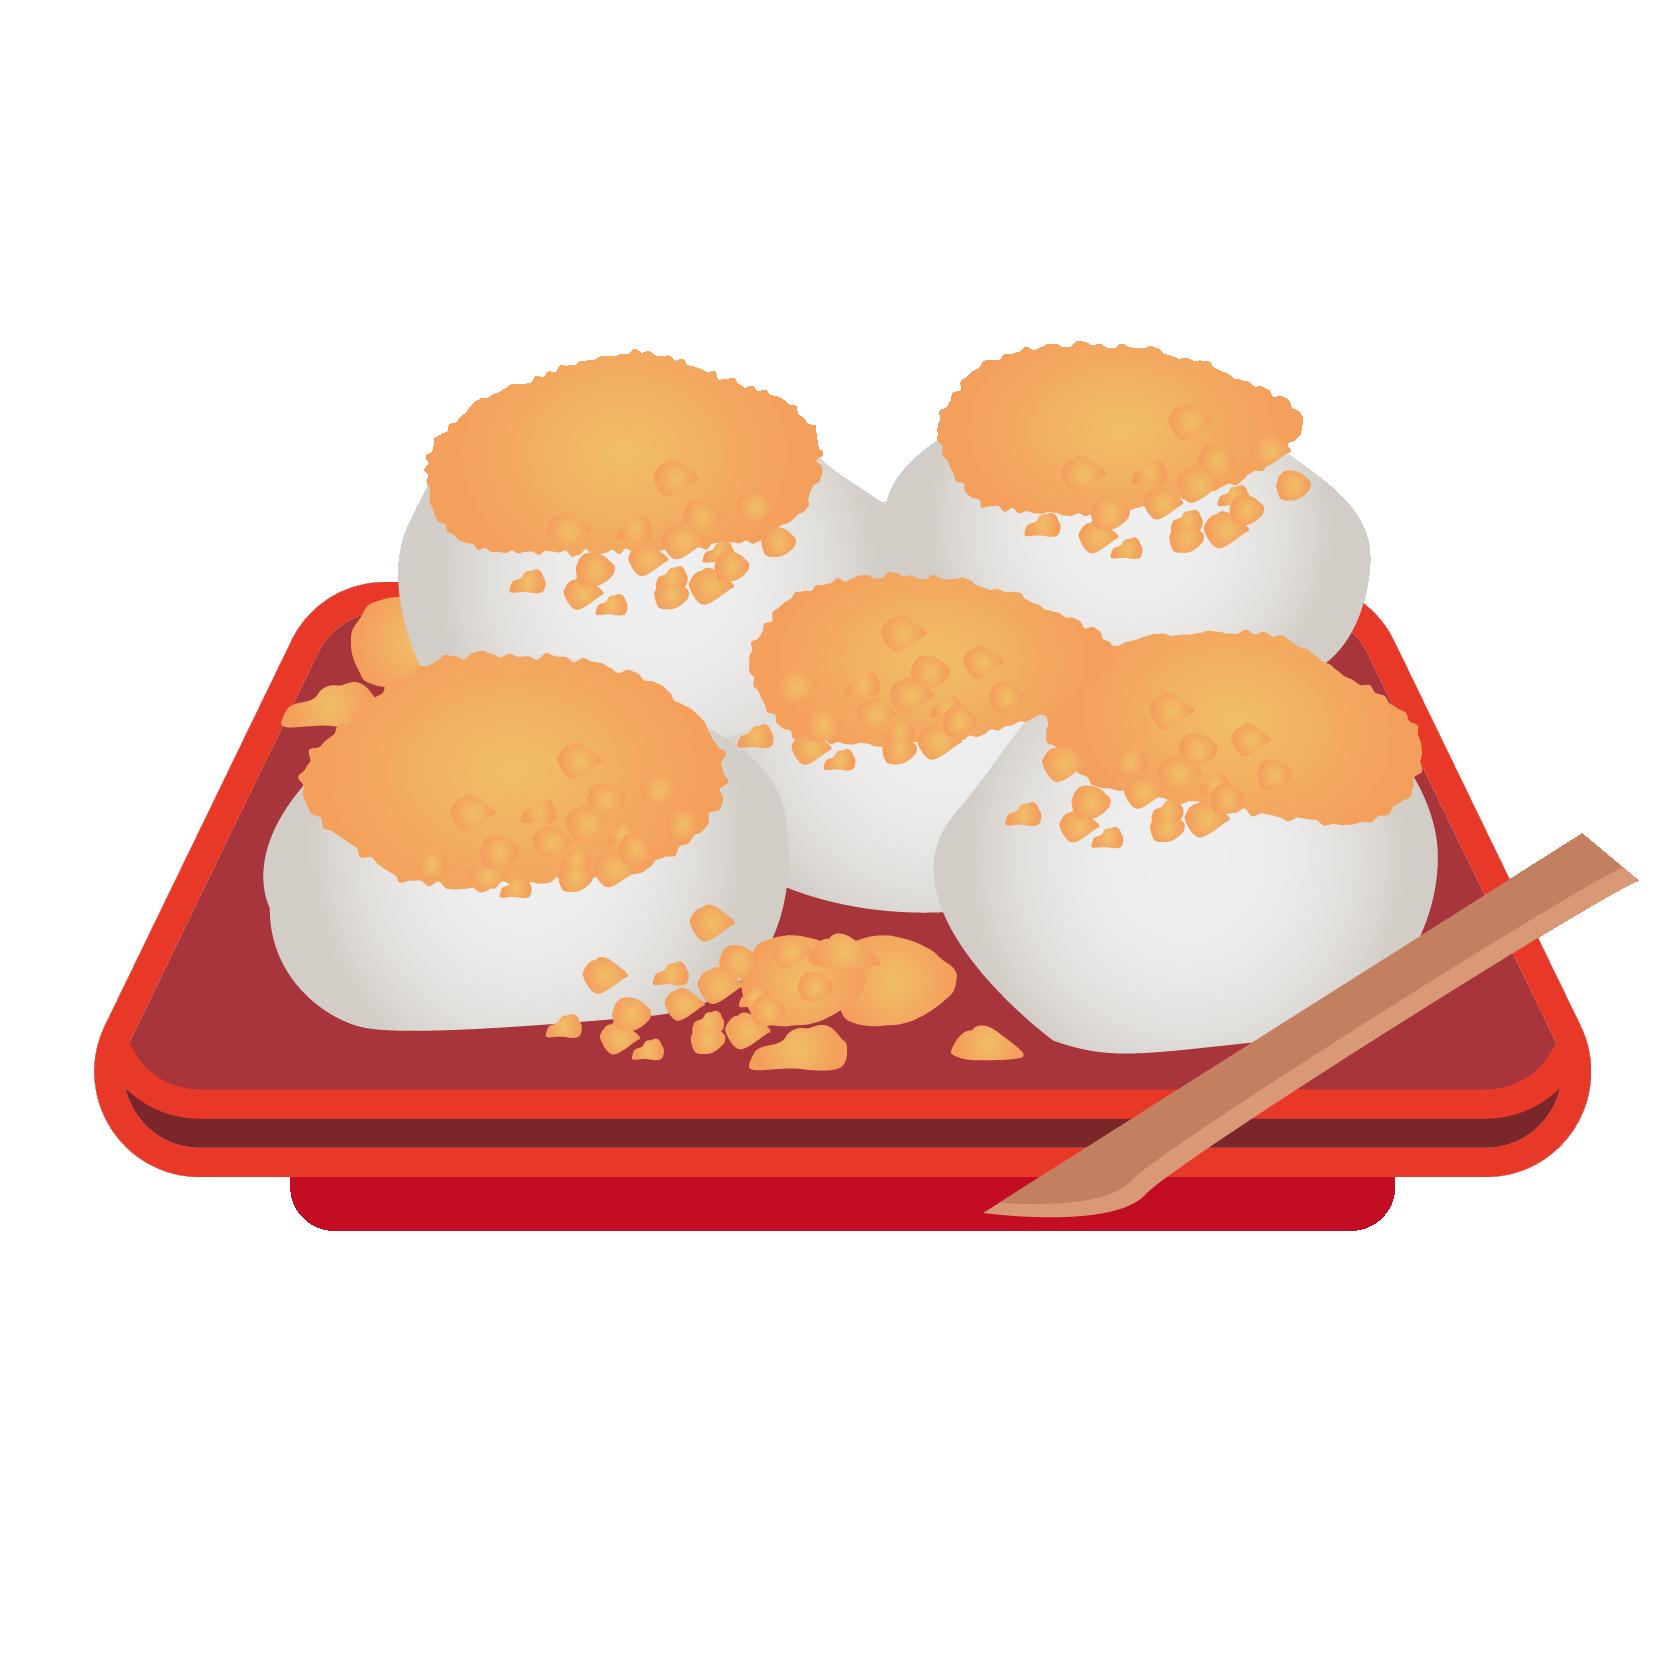 イラスト_食べ物_わらび餅_わらびもち